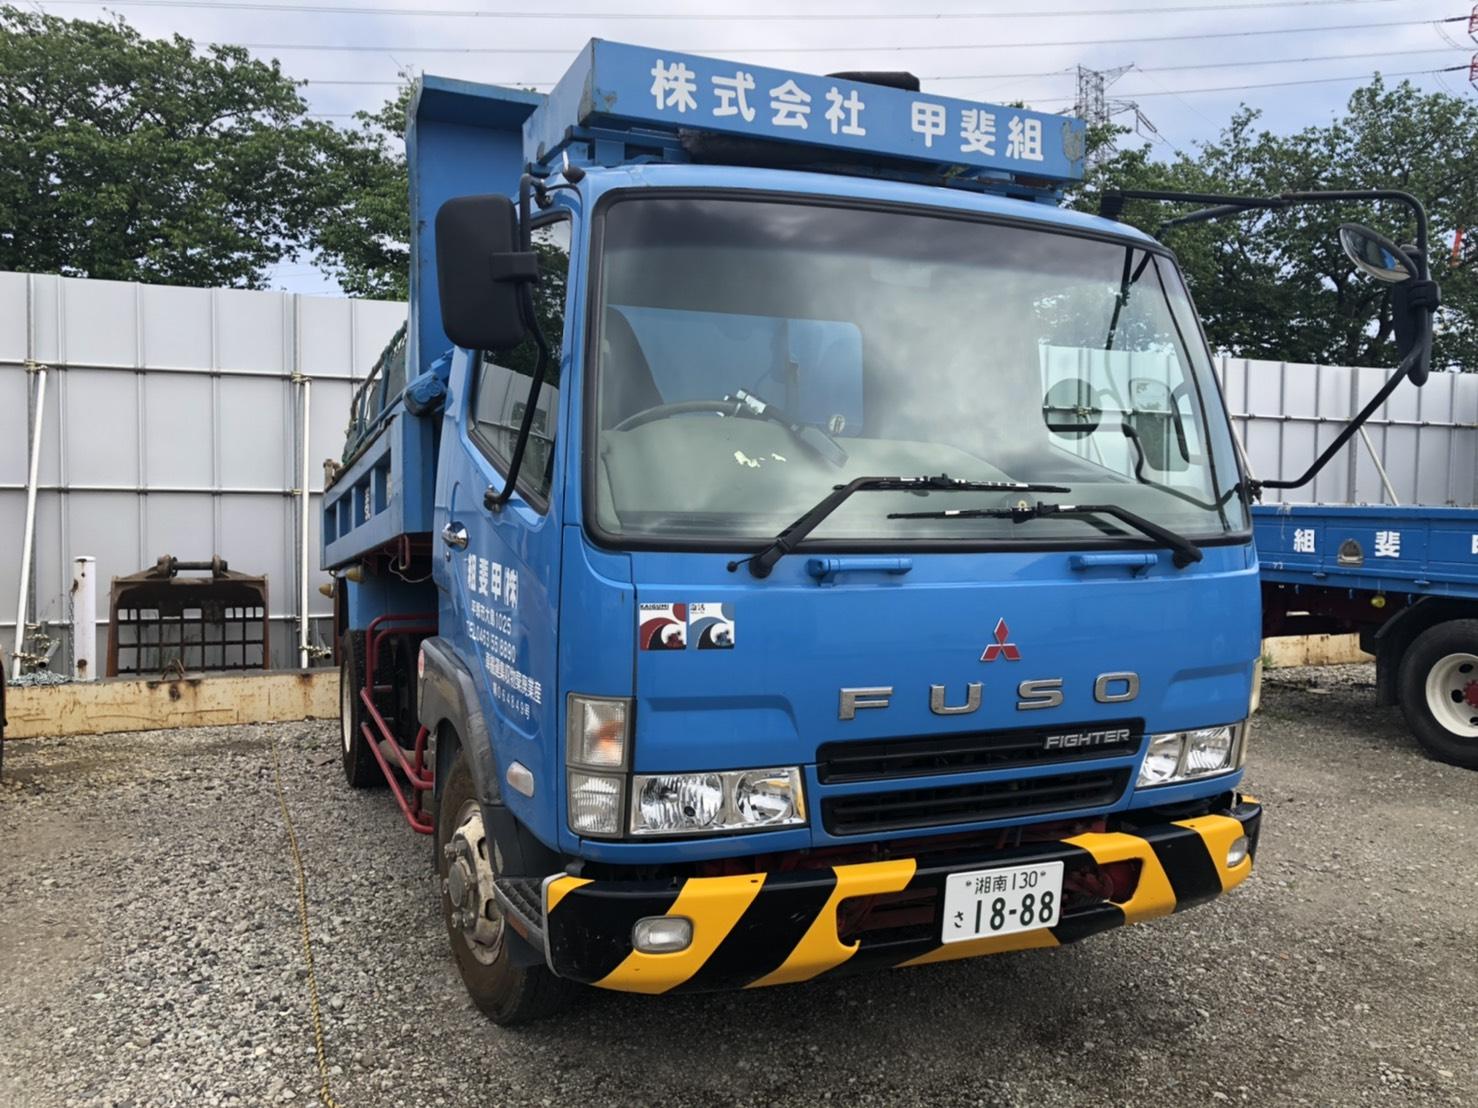 ダンプトラック4t(2台)